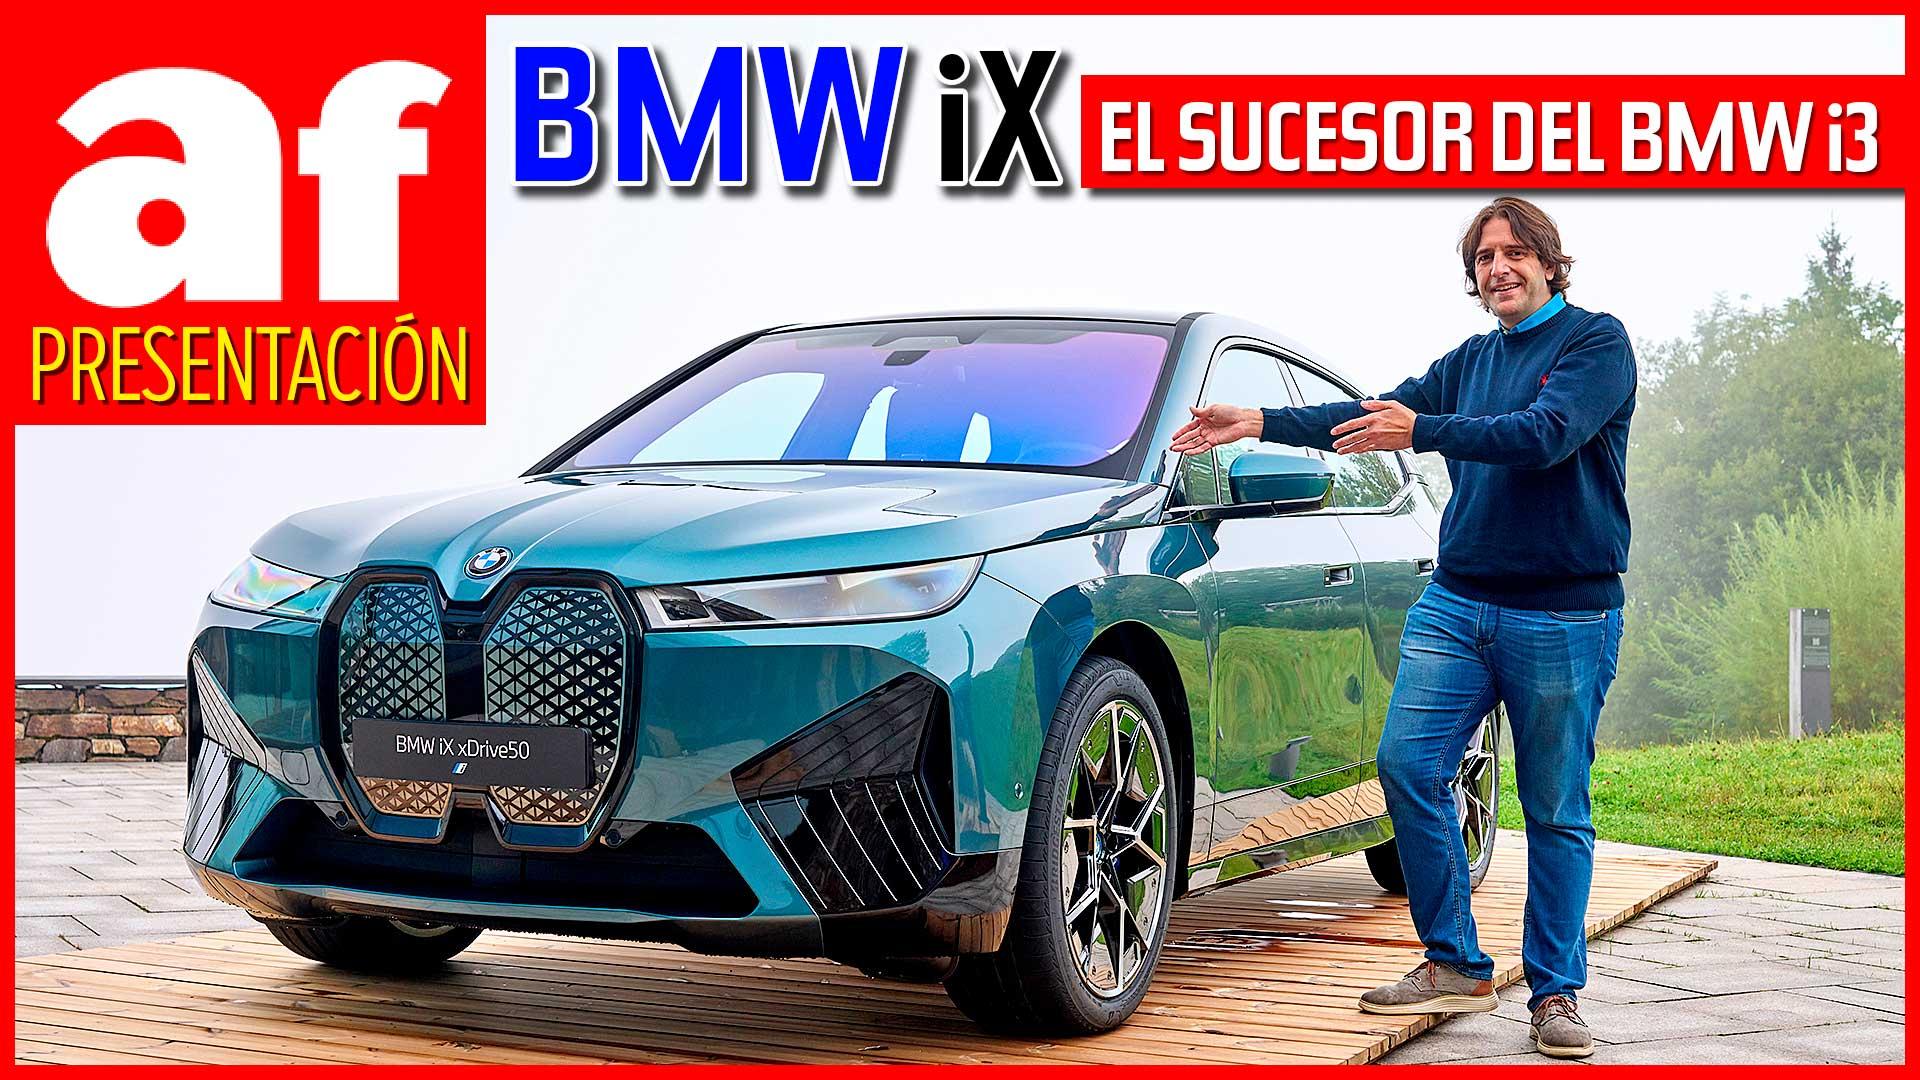 Nuevo BMW iX 2021, el sucesor ideológico del BMW i3 de 2013